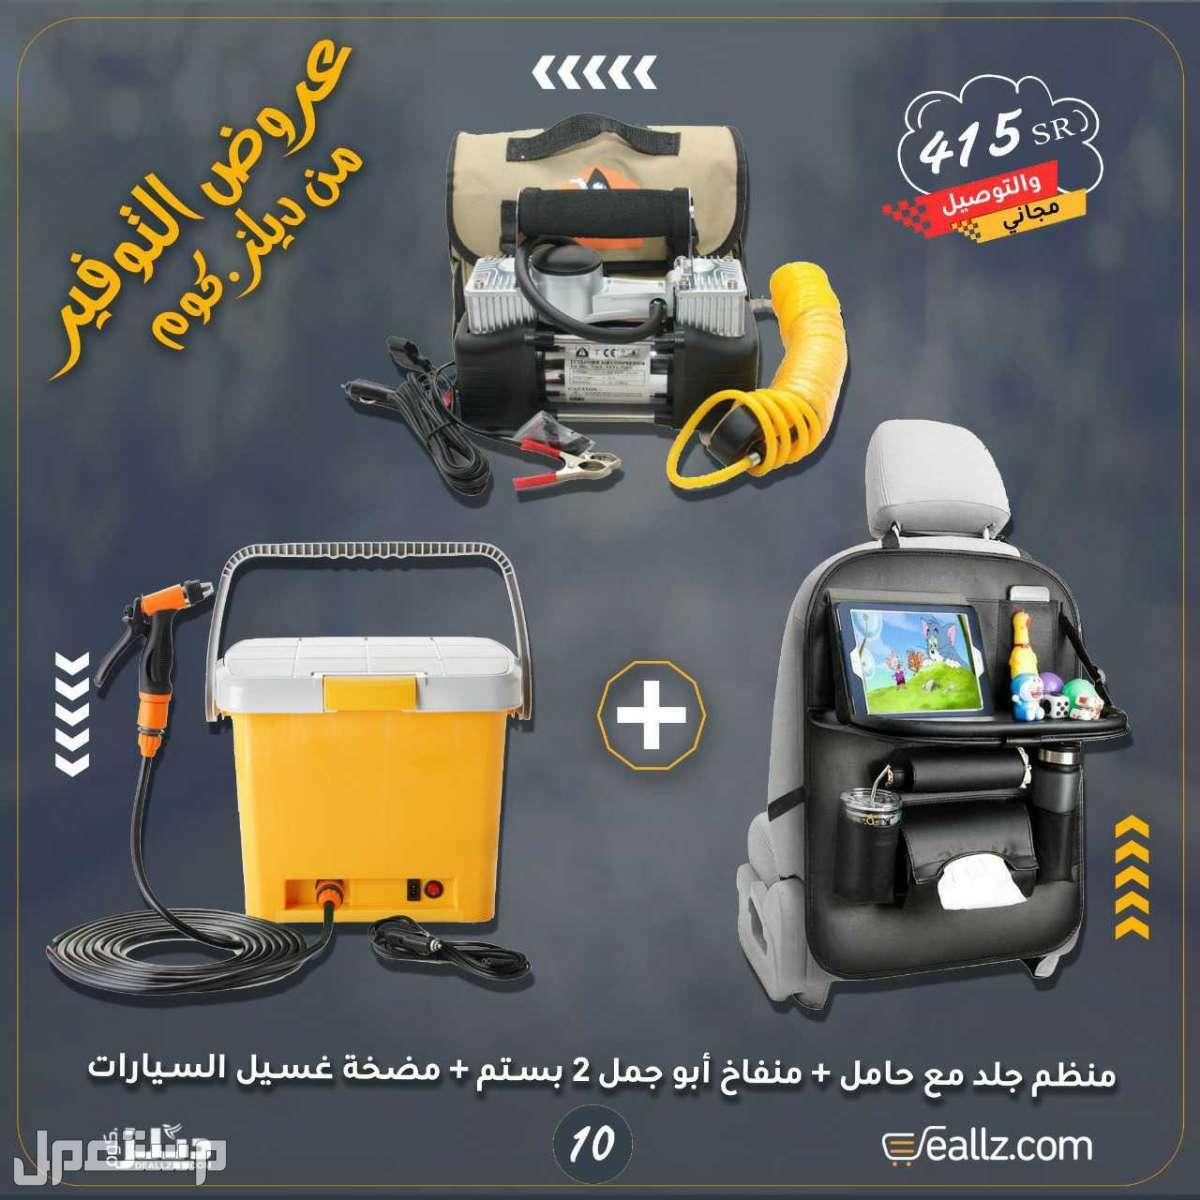 عرض مضخة غسيل السيارة رشاش + منفاخ ابو جمل 2 بستم